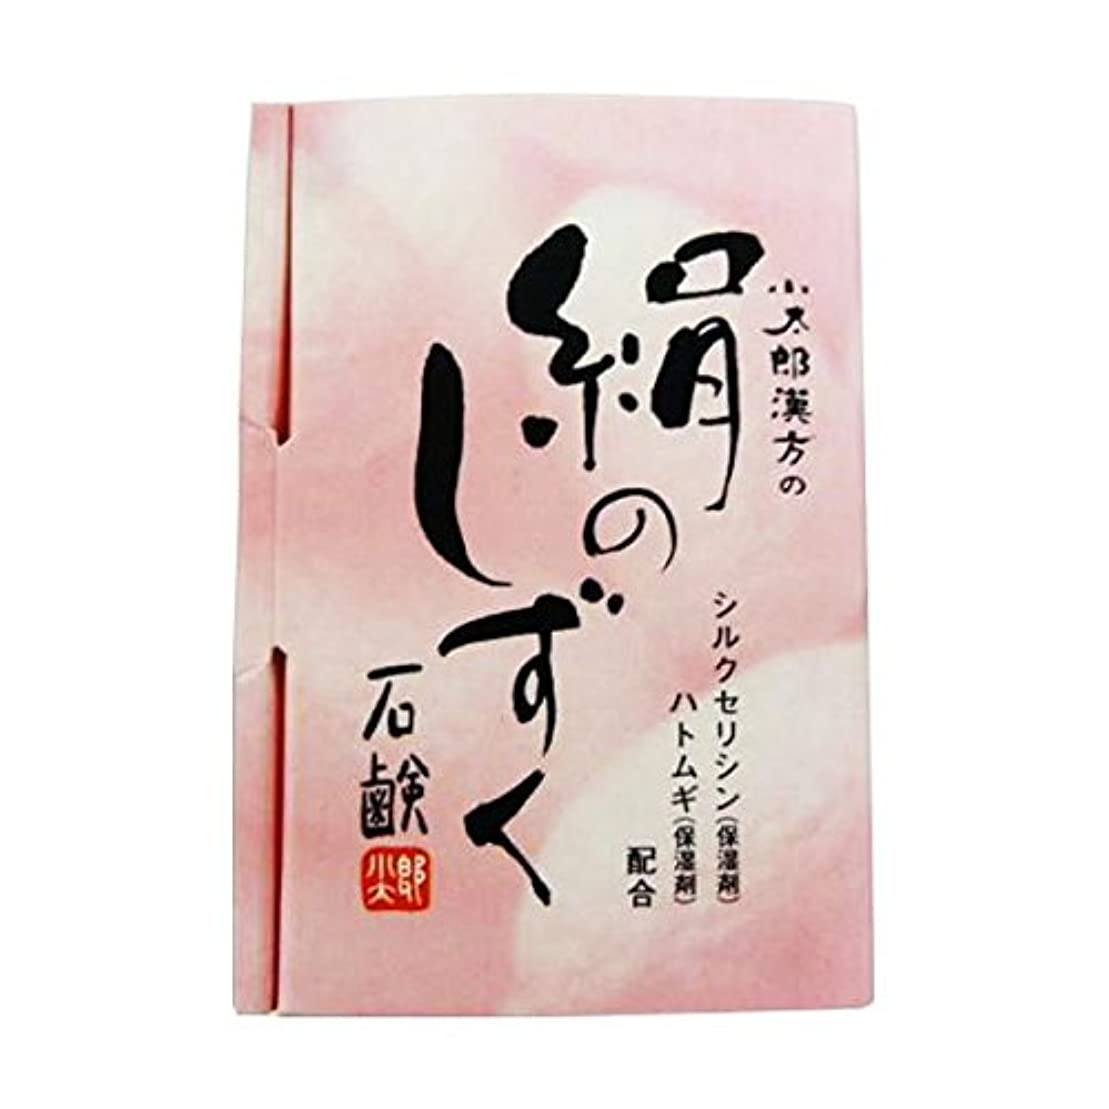 つかむすばらしいです集まる【小太郎漢方製薬】絹のしずく石鹸 80g ×3個セット